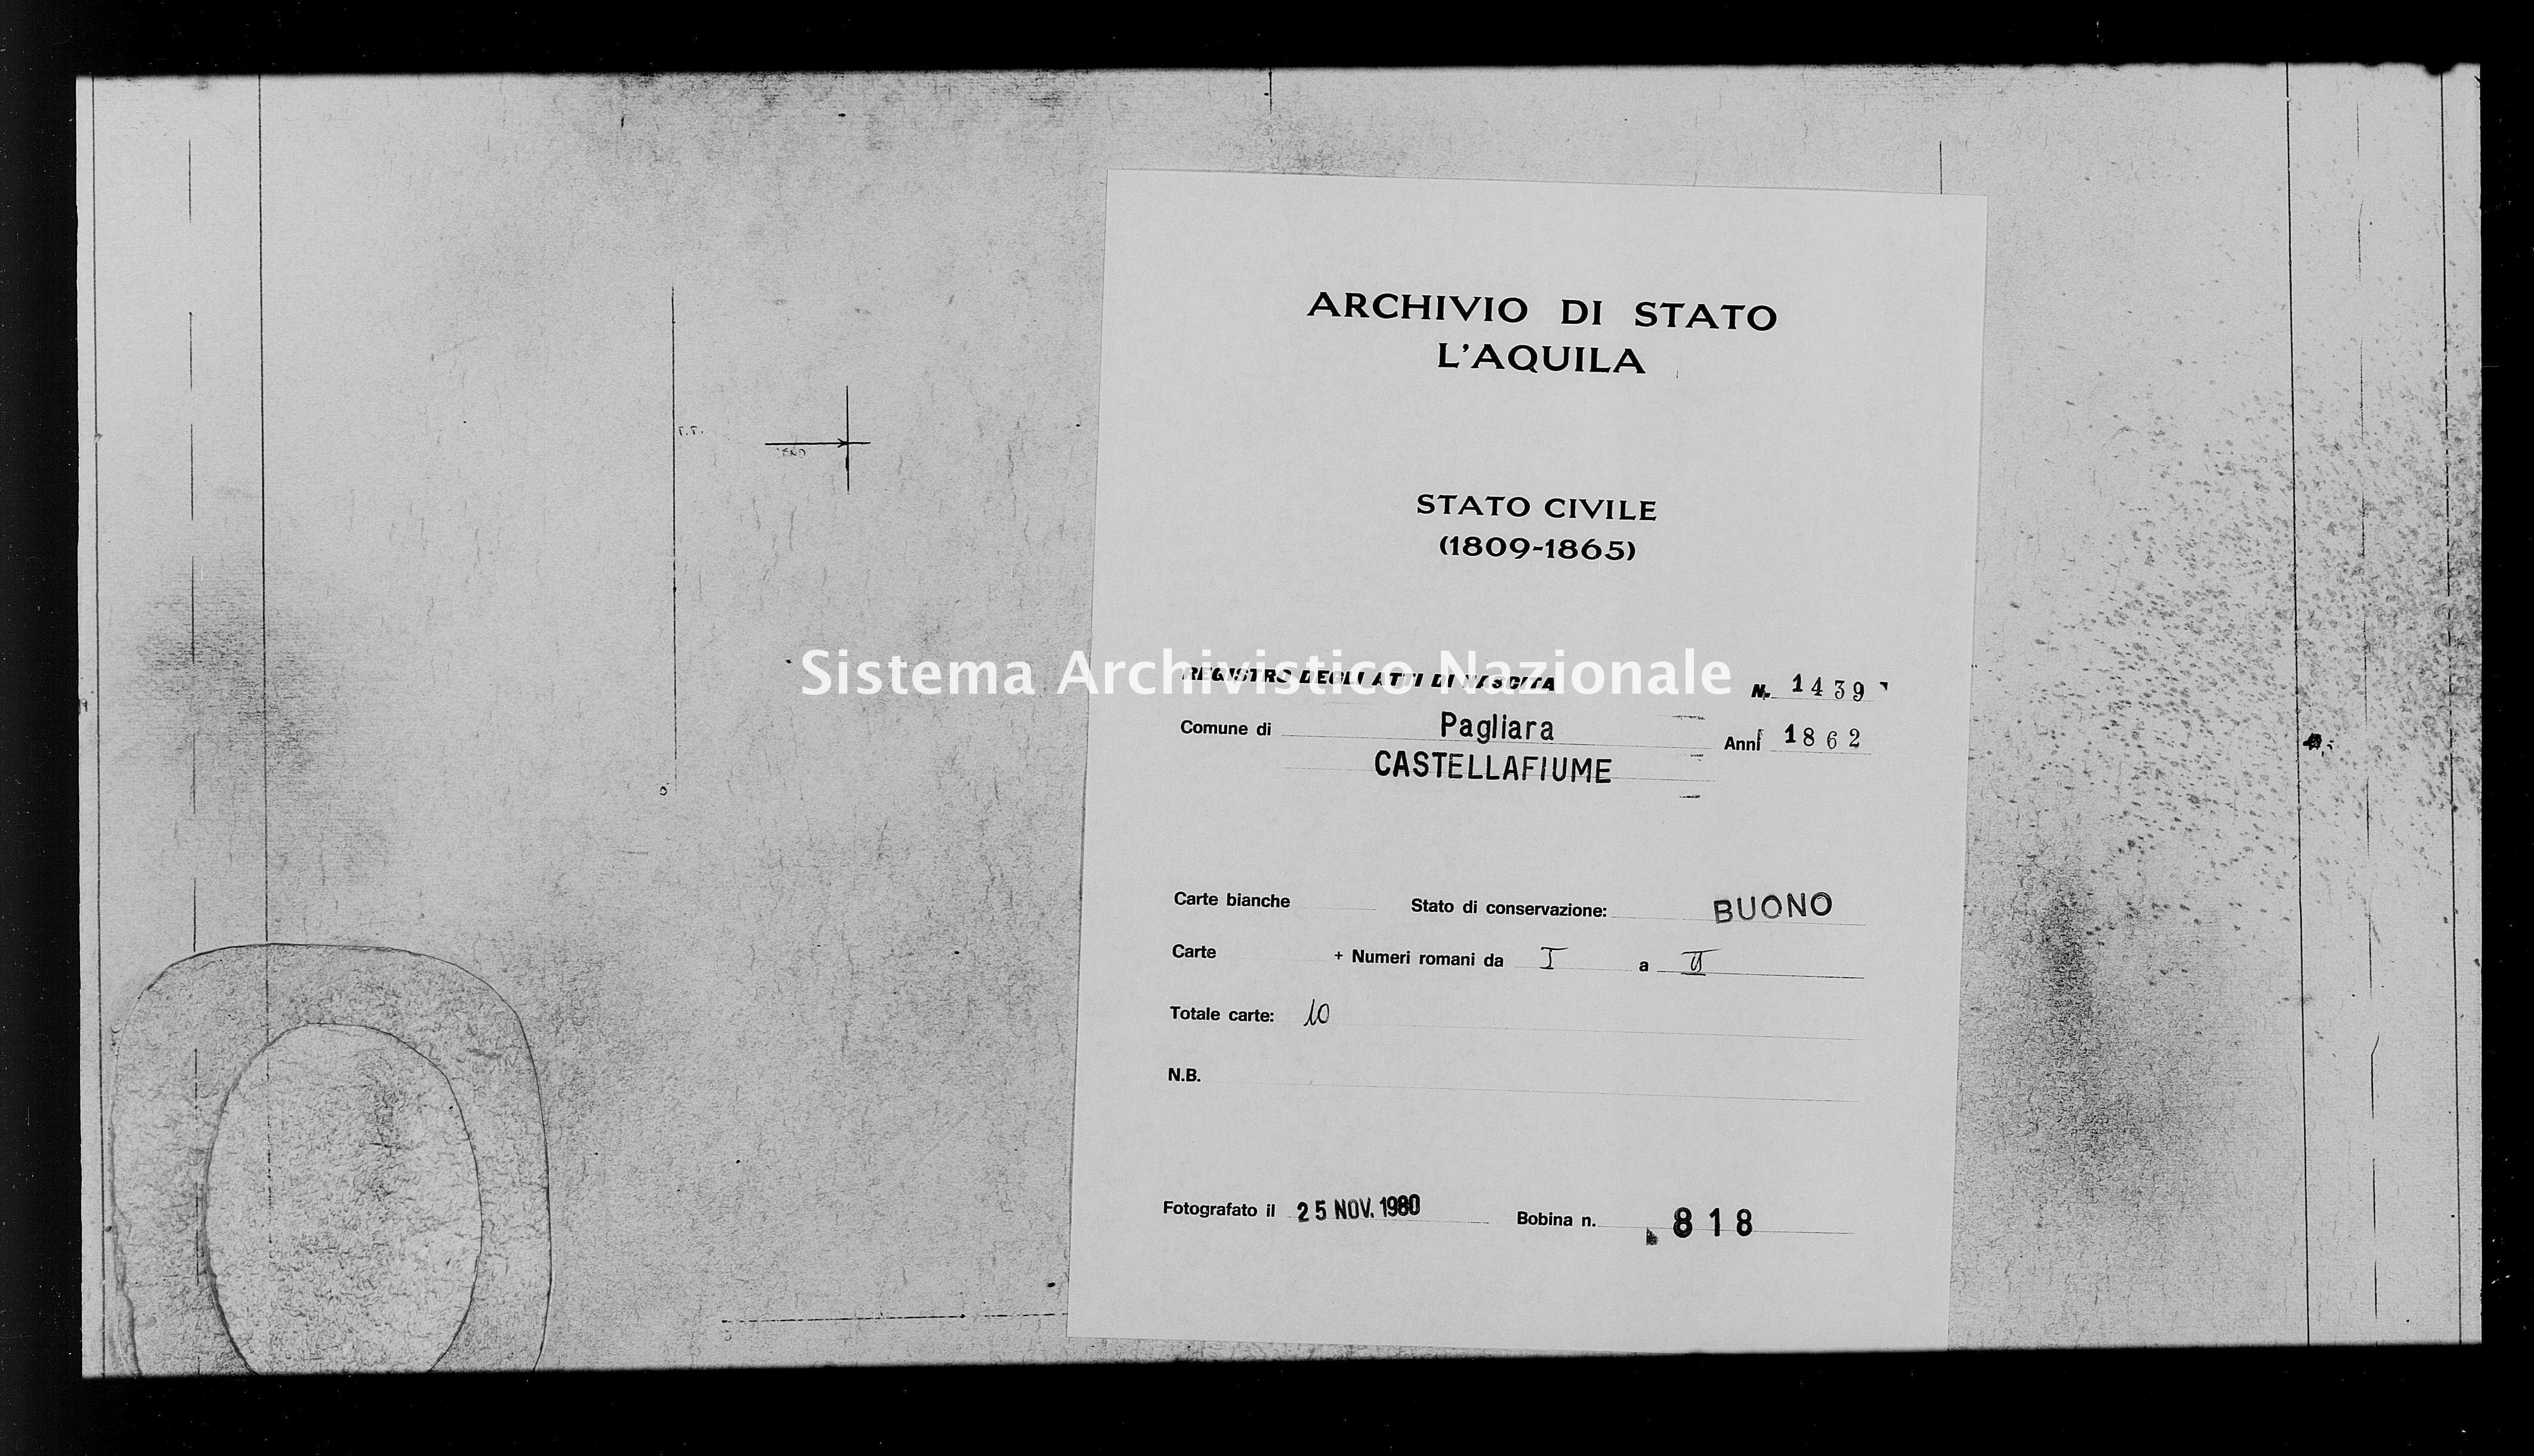 Archivio di stato di L'aquila - Stato civile italiano - Pagliara - Nati - 1862 - 1439 -